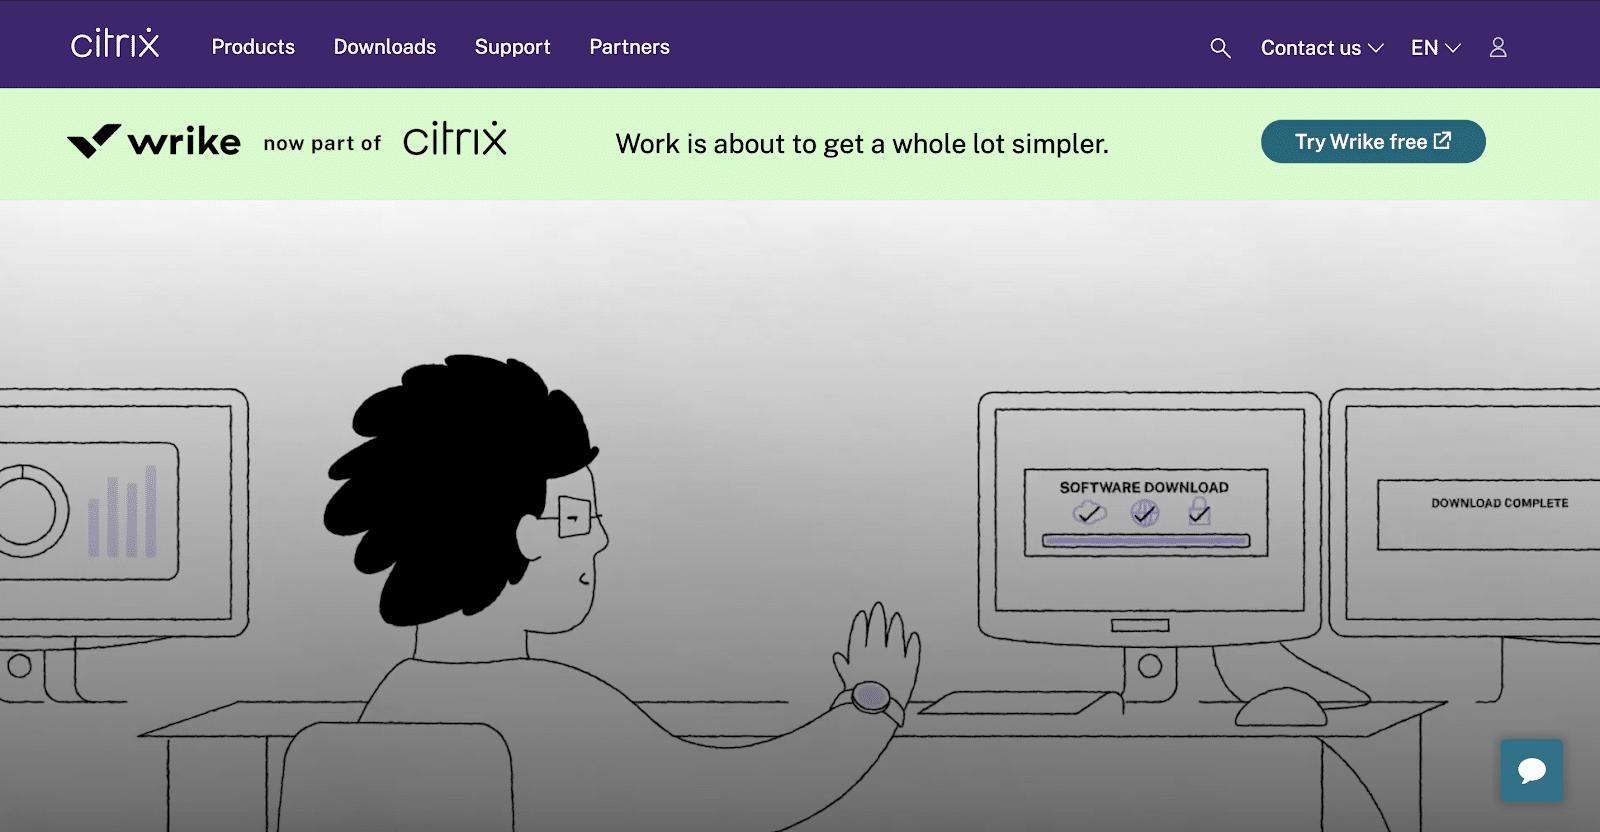 Citrix permet aux employés de se connecter facilement à un bureau depuis n'importe où.